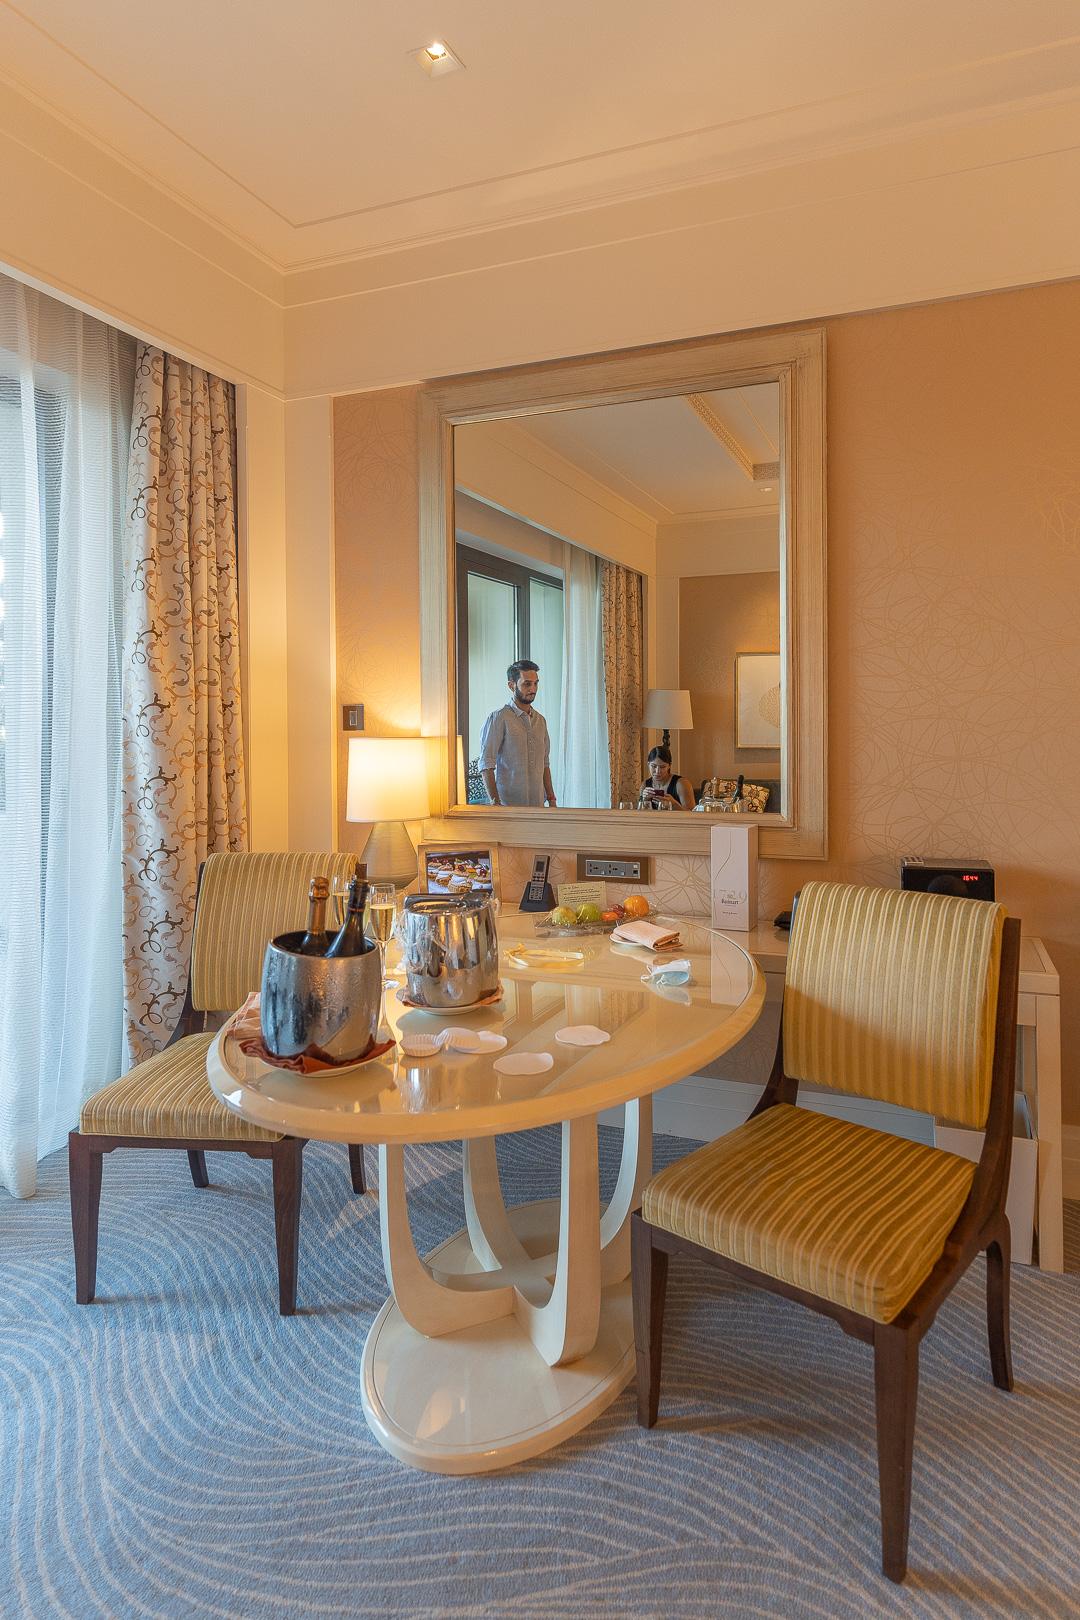 FS Jumeirah 11 - REVIEW - Four Seasons Dubai at Jumeirah Beach : Deluxe City-View Room [COVID-era]